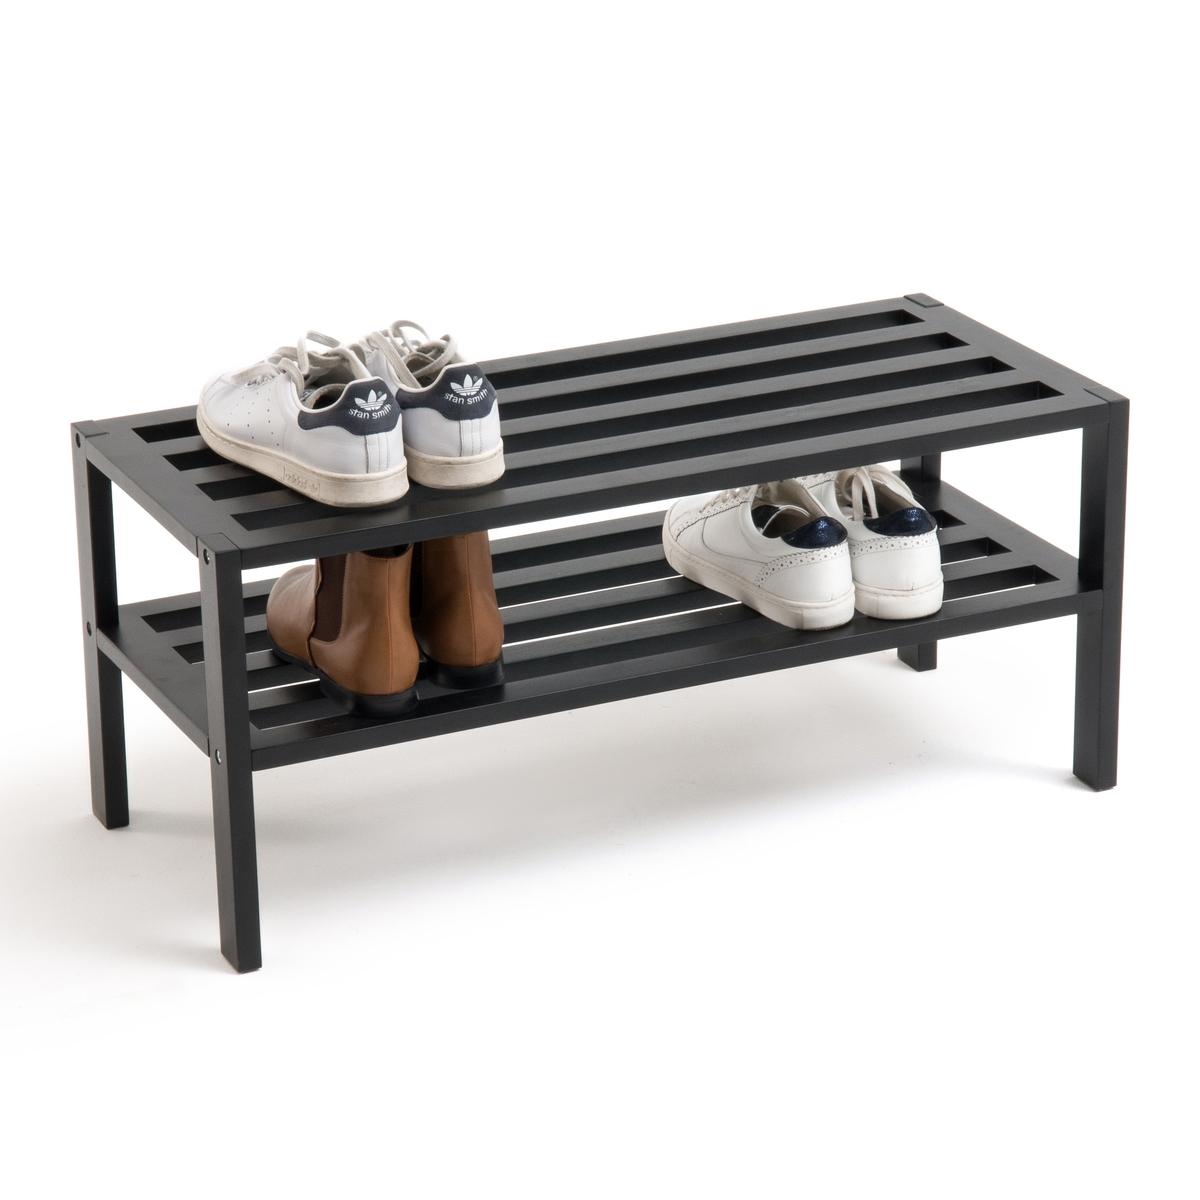 Скамья для обуви из березы черного цвета интмагазин пластик полку для обуви